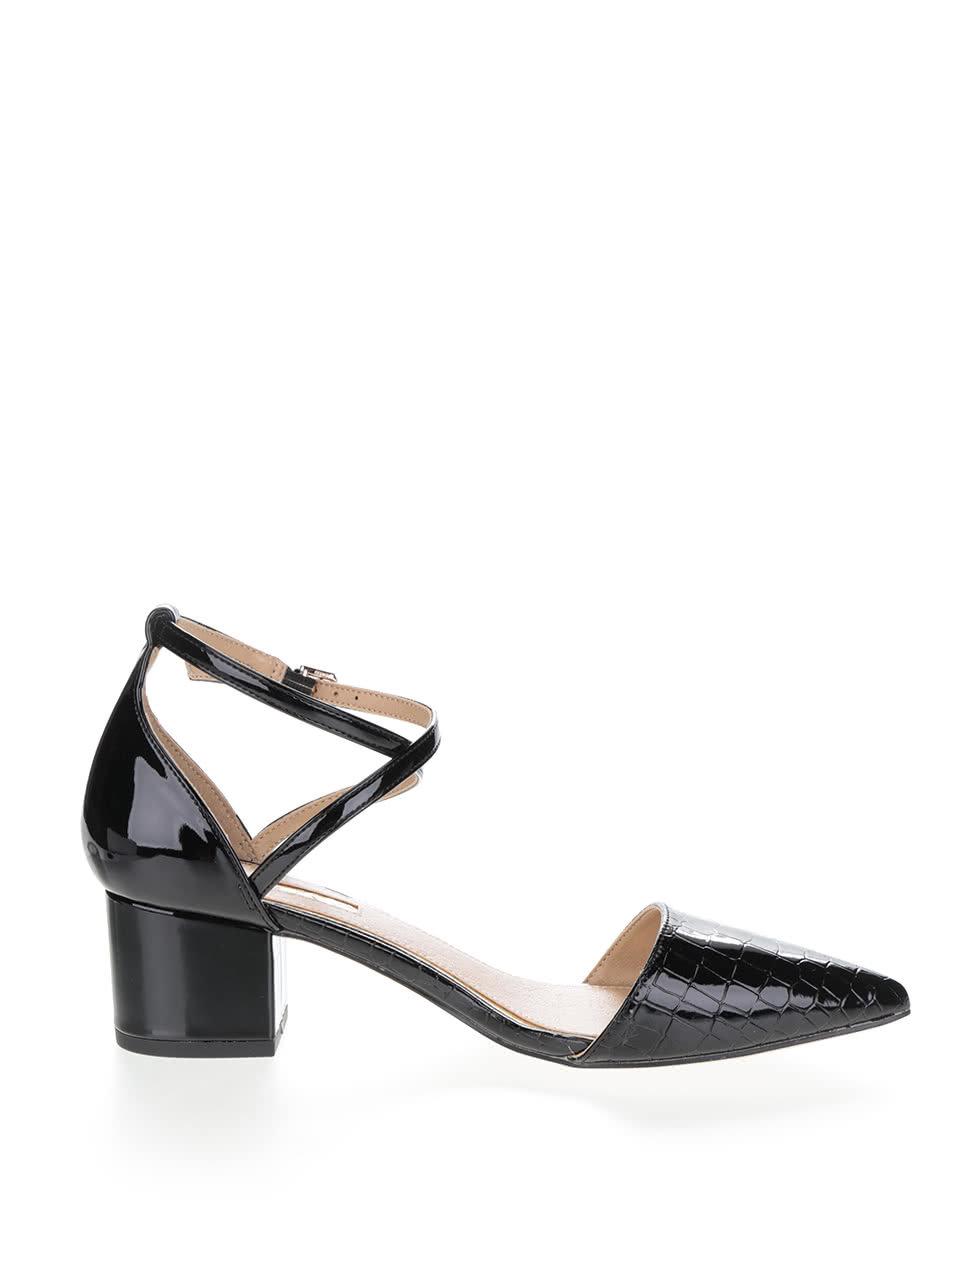 ca72b8a6459c Čierne dámske lesklé topánky na podpätku Miss KG ...